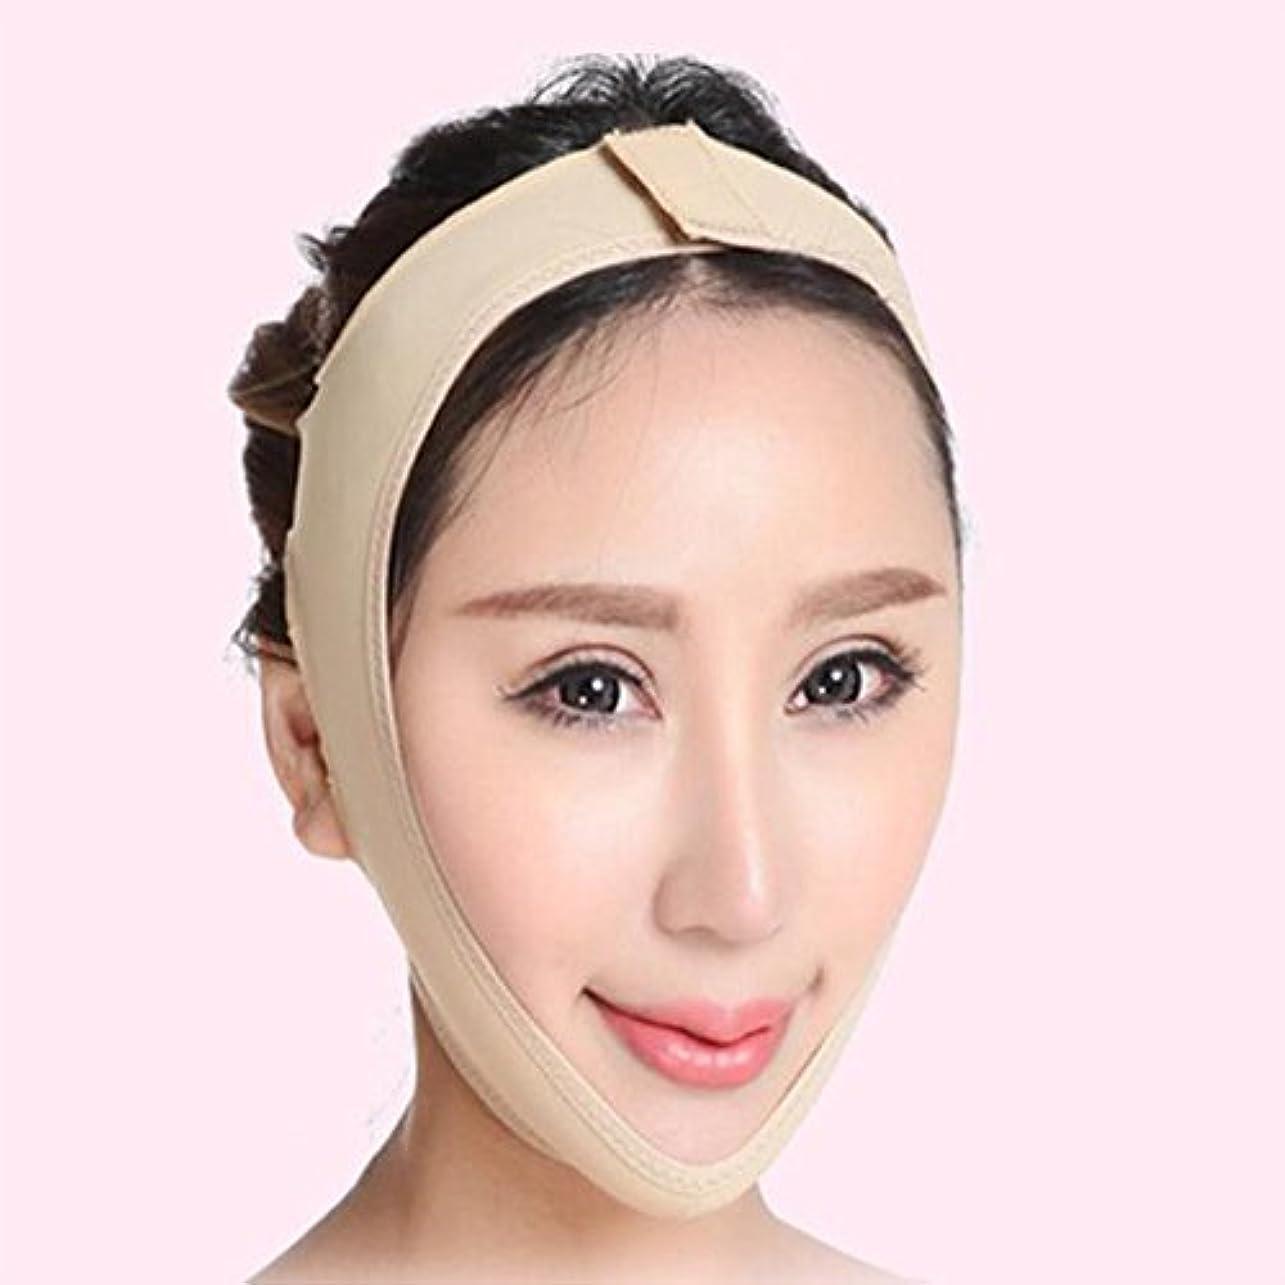 甘い装備する失速SD 小顔 小顔マスク リフトアップ マスク フェイスライン 矯正 あご シャープ メンズ レディース Sサイズ AZD15003-S